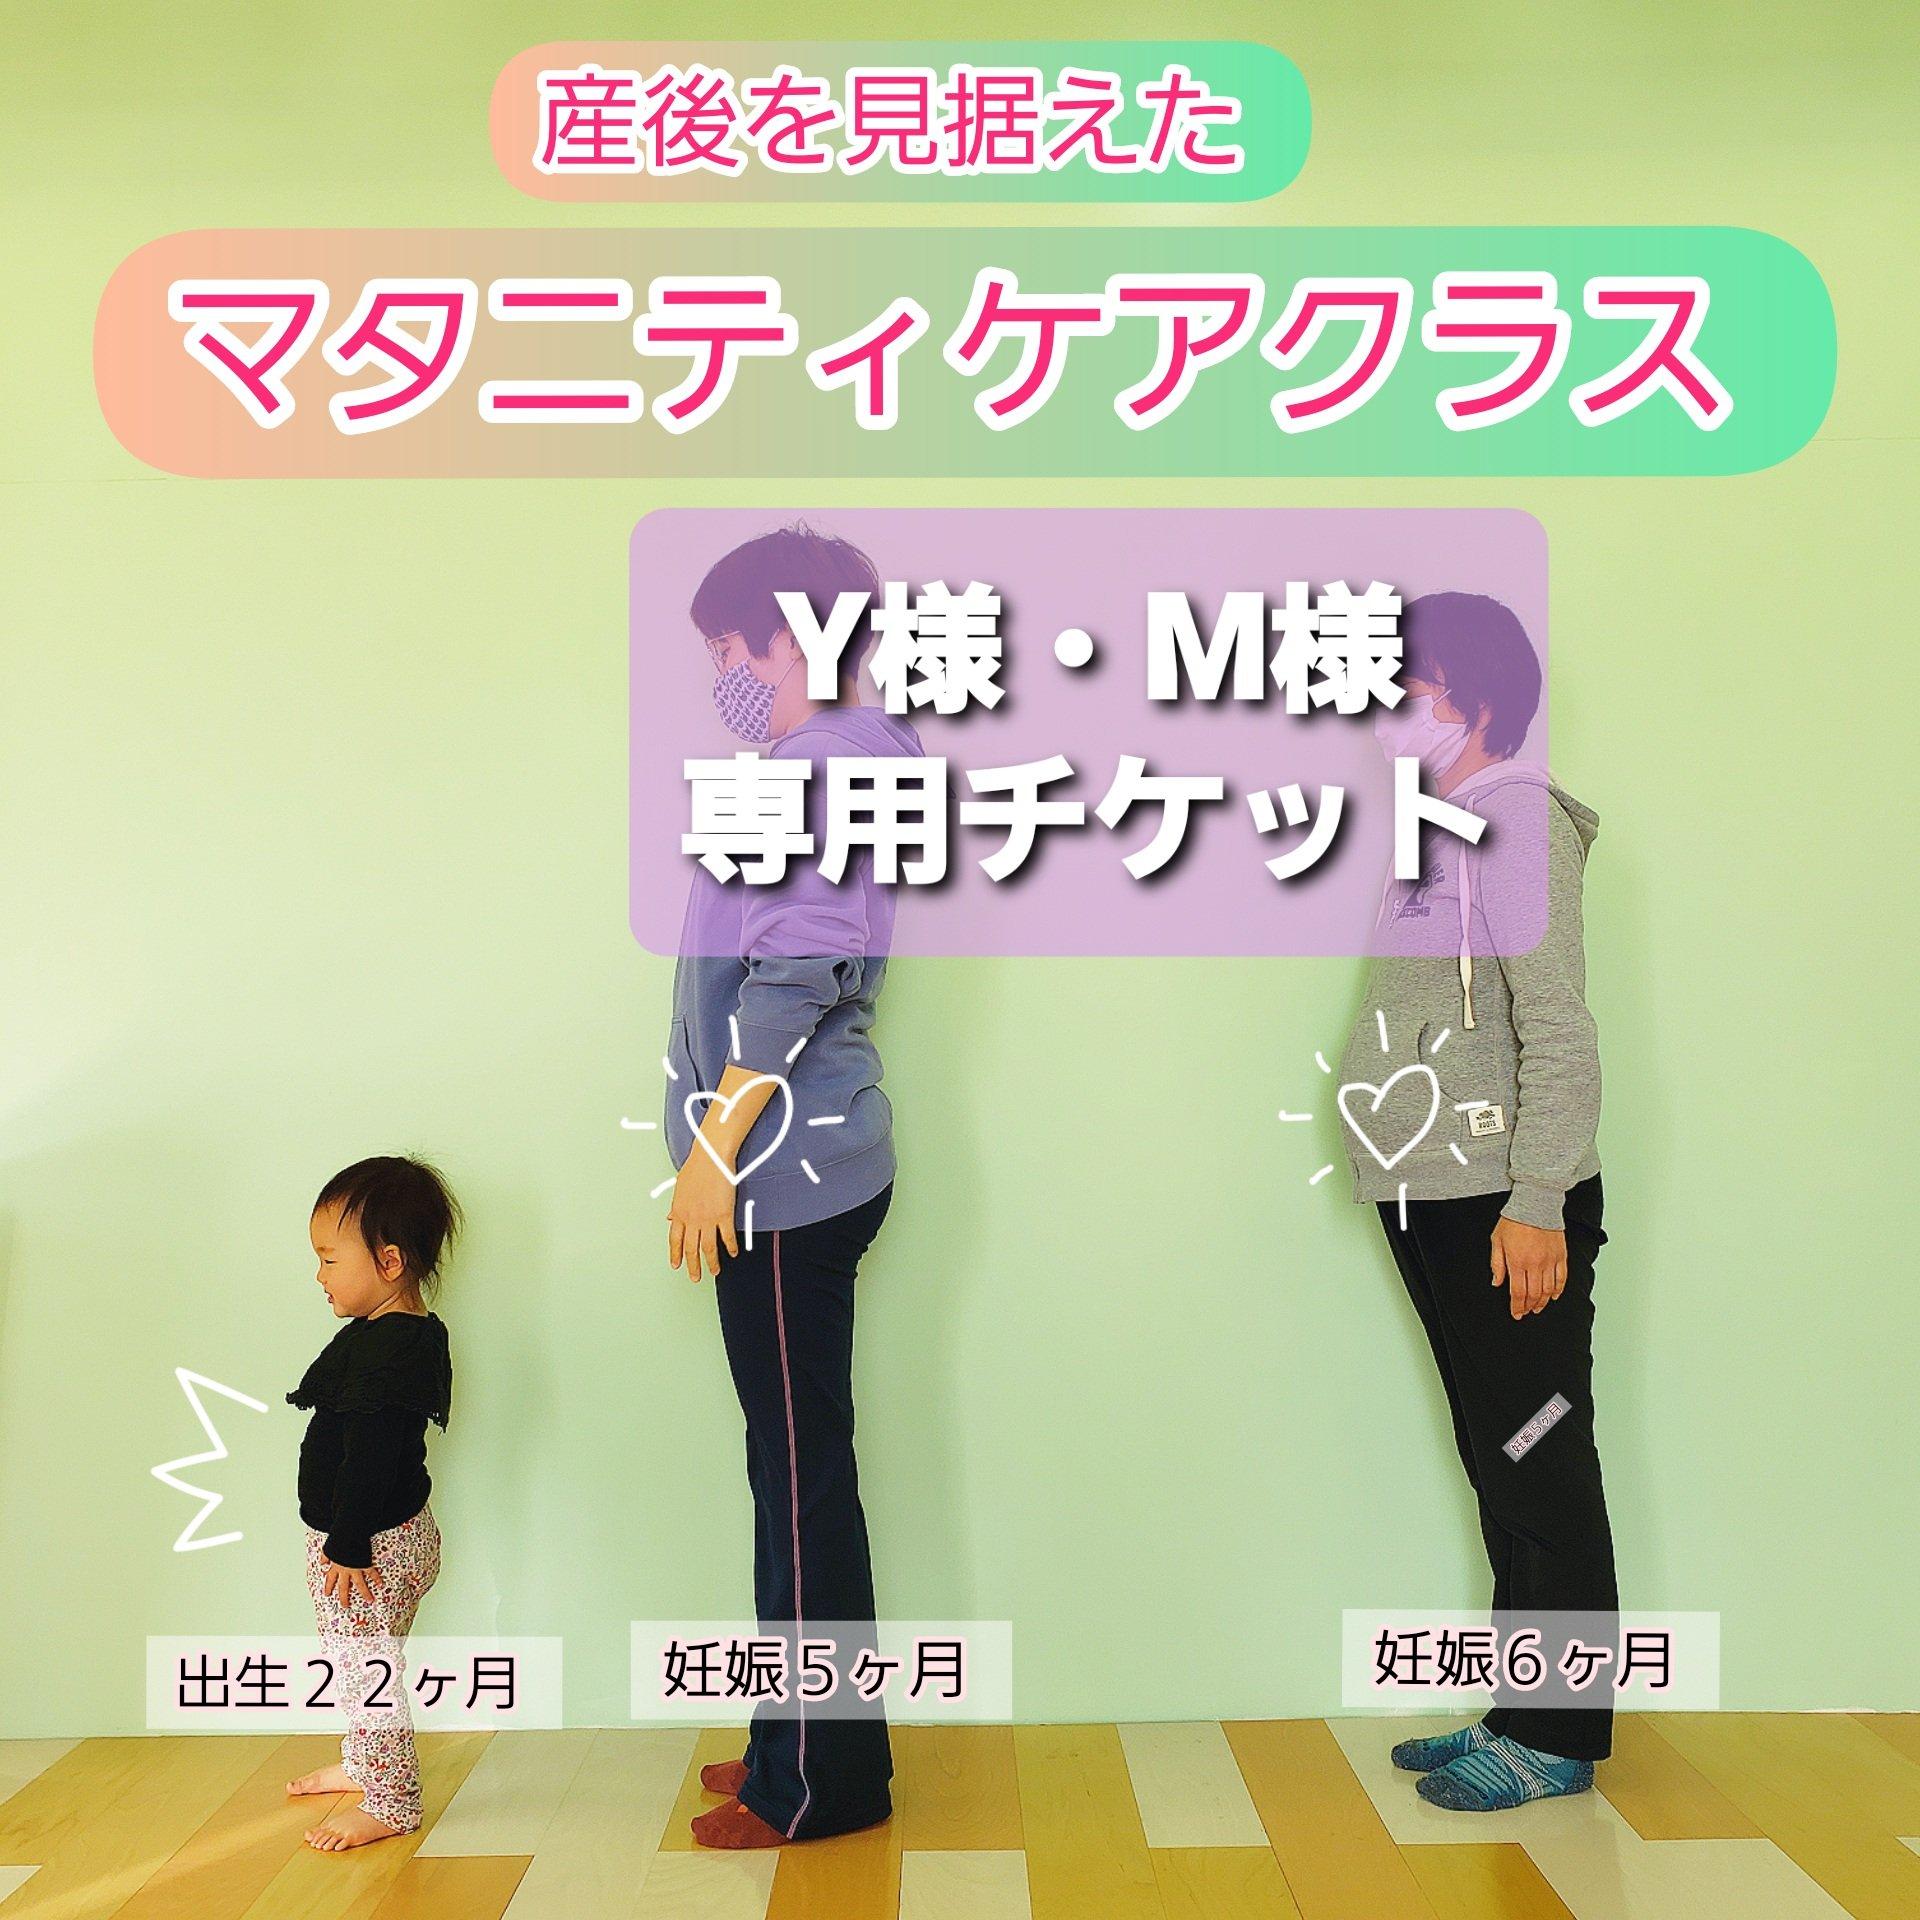 【専用チケット】マタニティクラス☆スターターセットのイメージその1